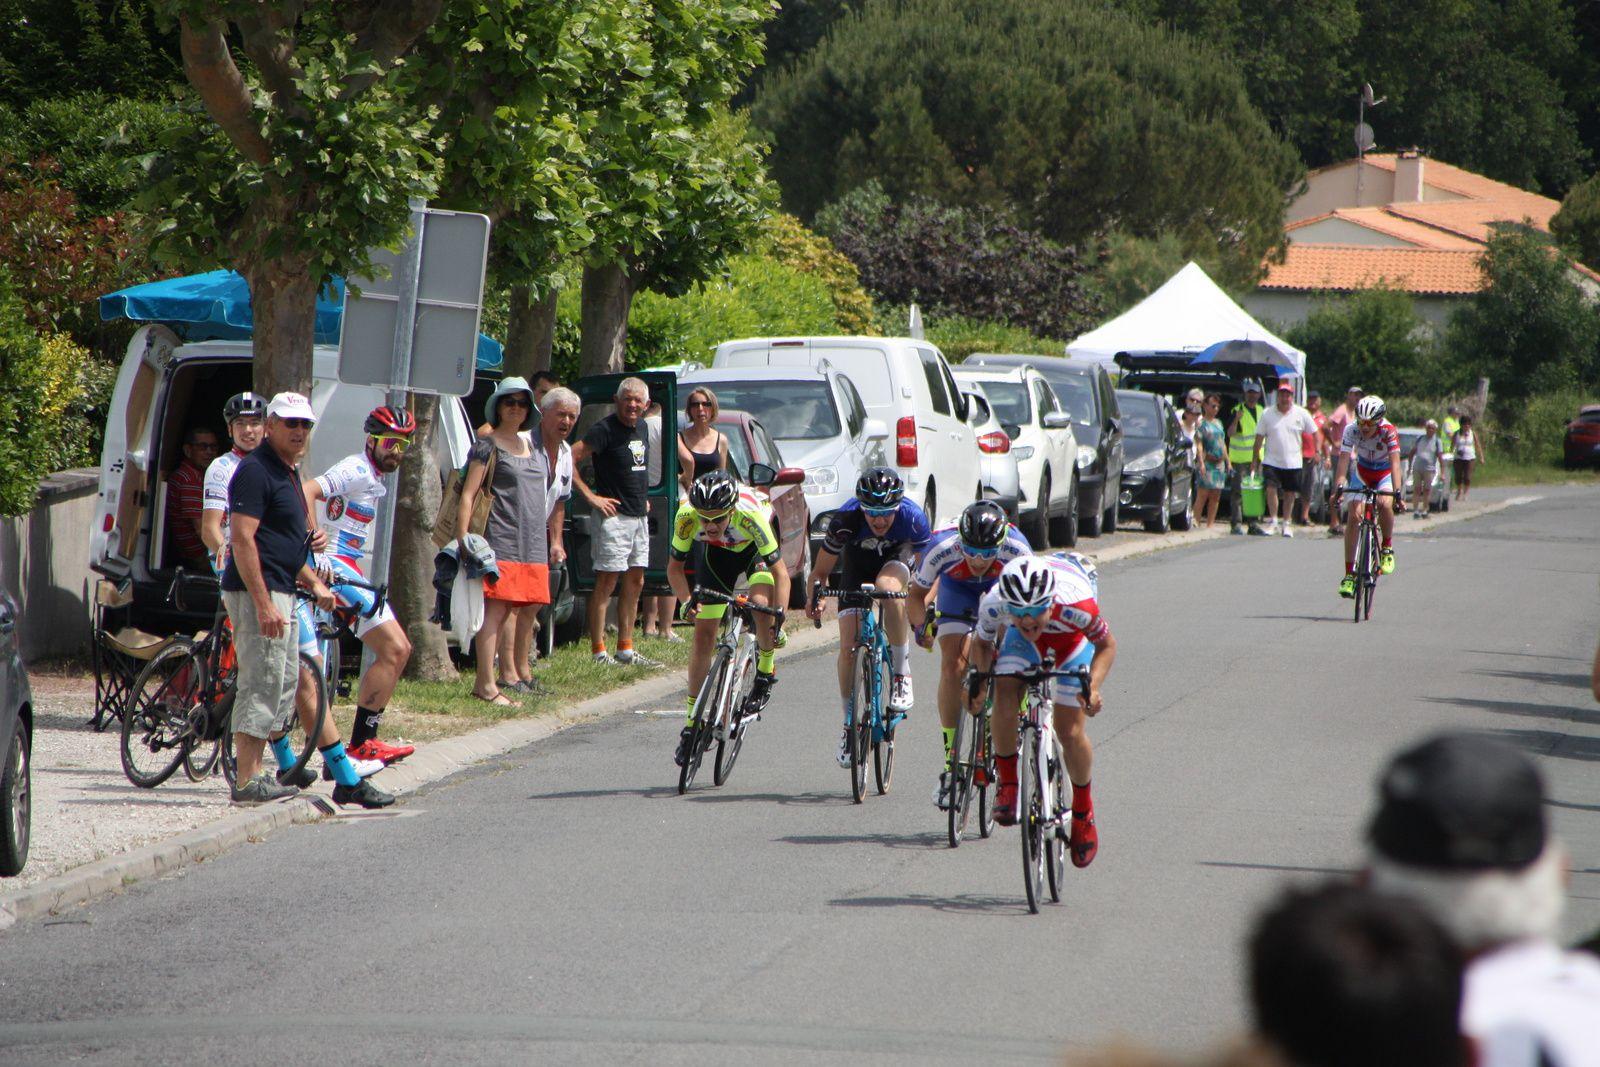 L'arrivée  et  la  victoire  pour  Simon  BOURMAUD(VC  Charente-Océan), 2e  Clément  ANDREAZZA(APOGE), 3e  Simon  BRUET(EC 3M), 4e  Lucas  SCELO(Côte de Beauté C),